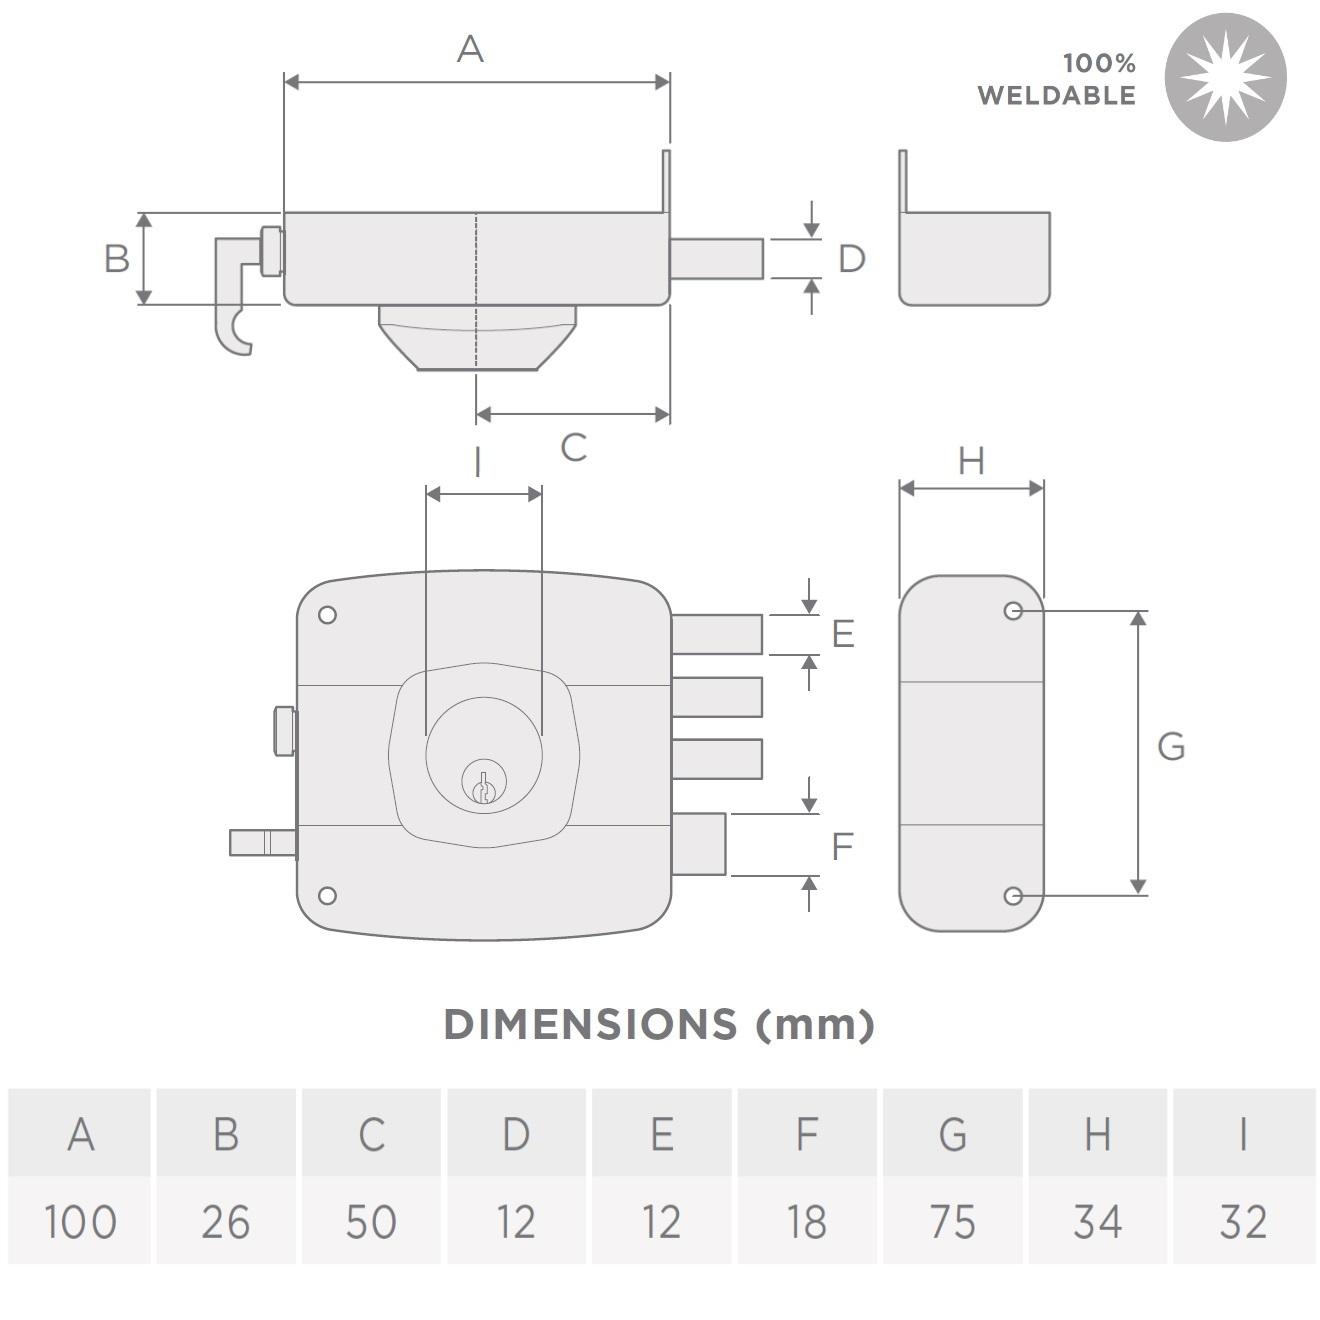 triple-bolt-50mm-backset-dimension-geo